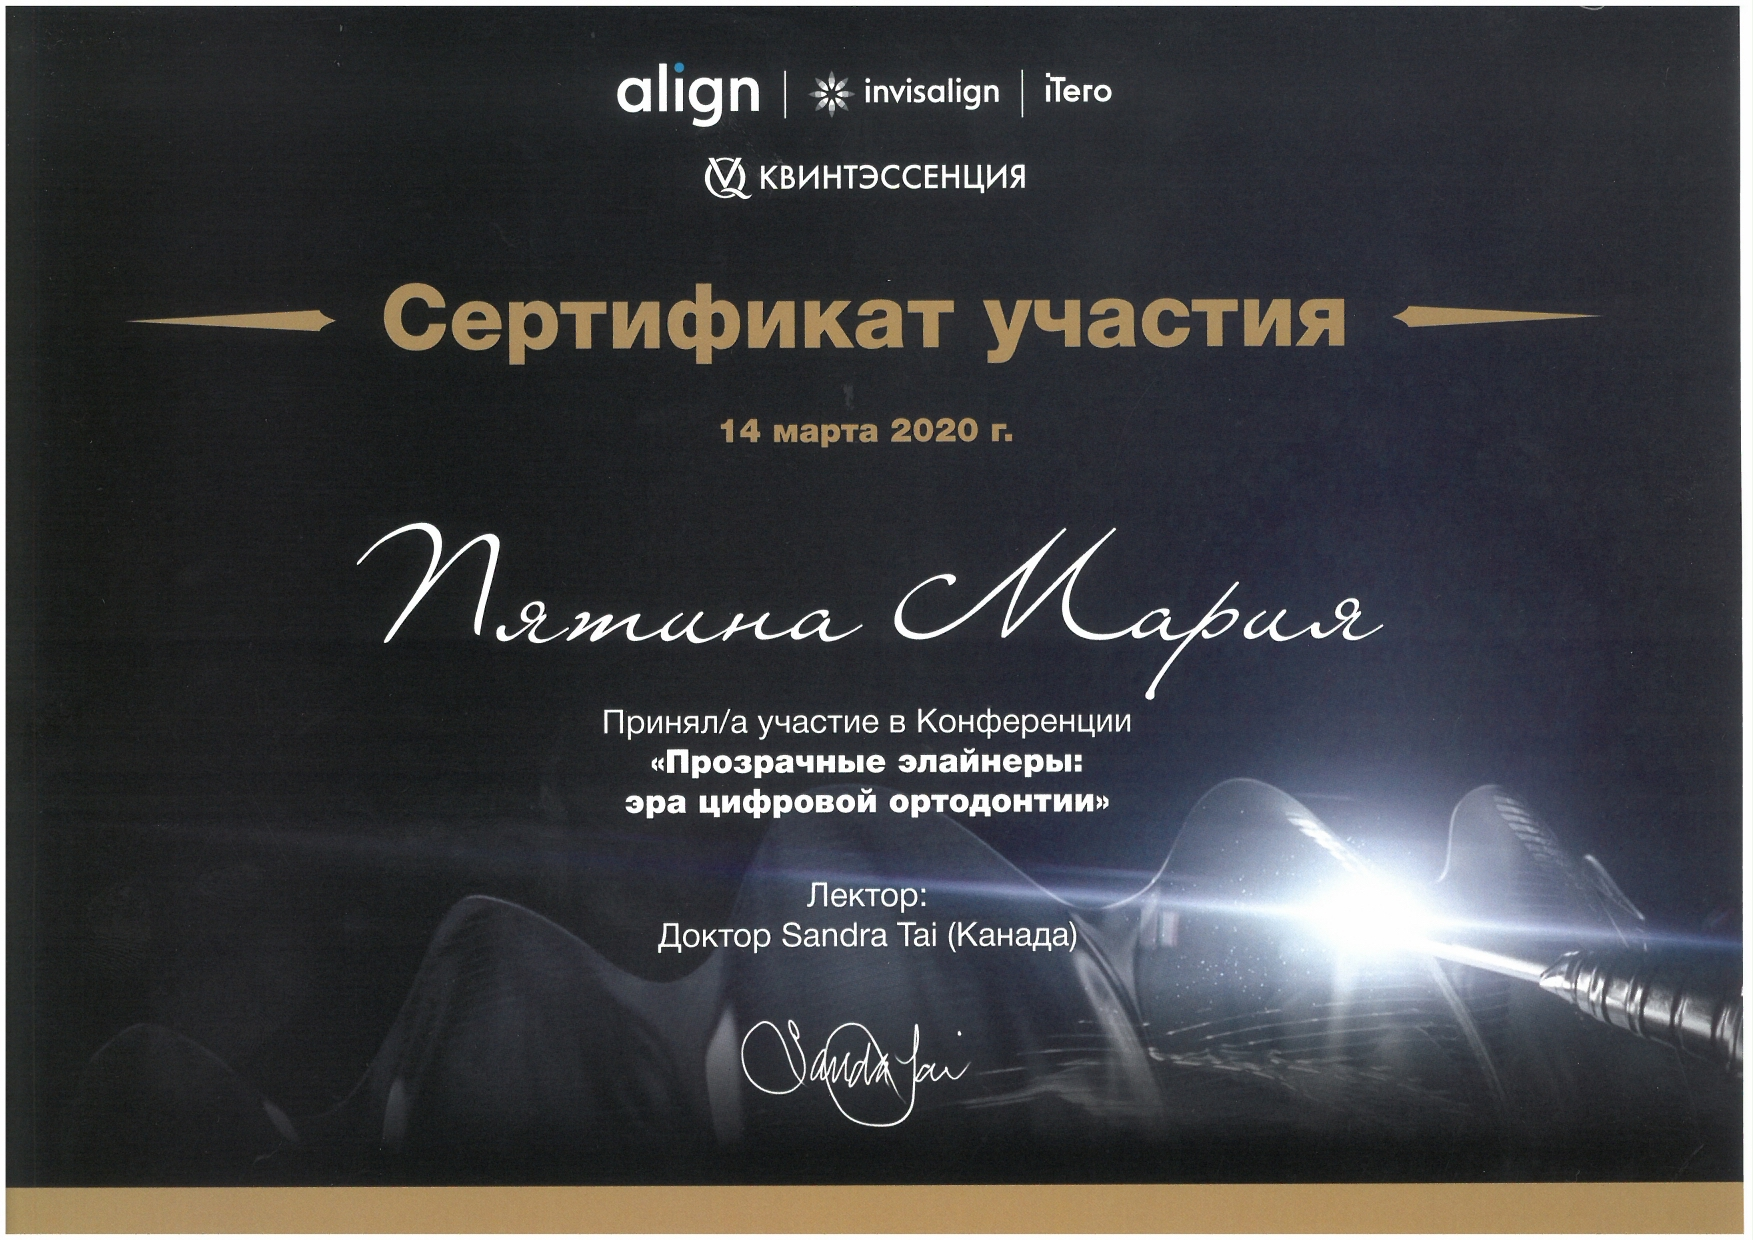 2020, «Прозрачные элайнеры: эра цифровой ортодонтии», Align